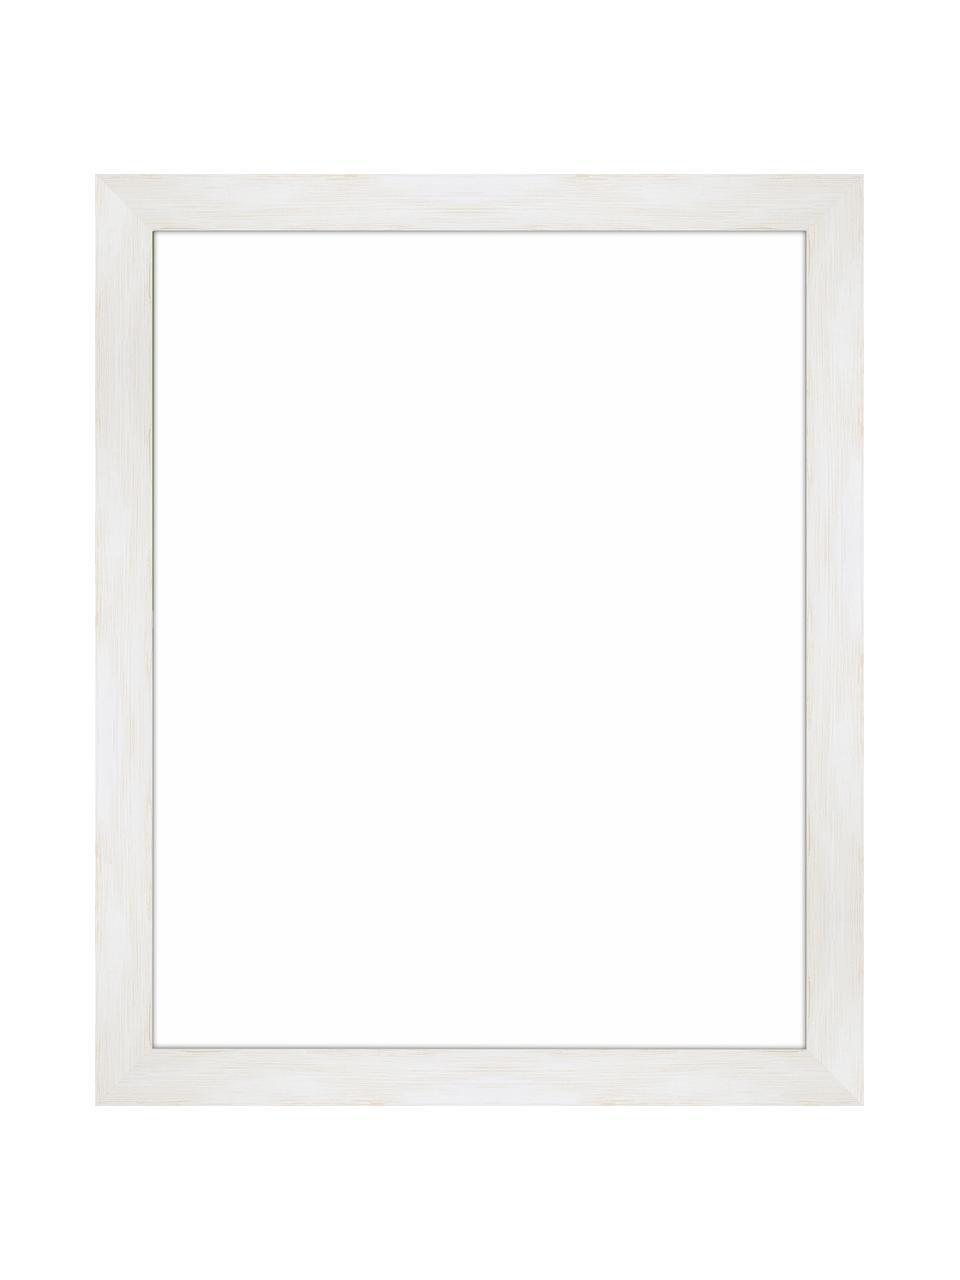 Bilderrahmen Magic, Rahmen: Monterey-Kiefernholz, lac, Front: Glas, Rückseite: Mitteldichte Holzfaserpla, Weiß, 24 x 30 cm